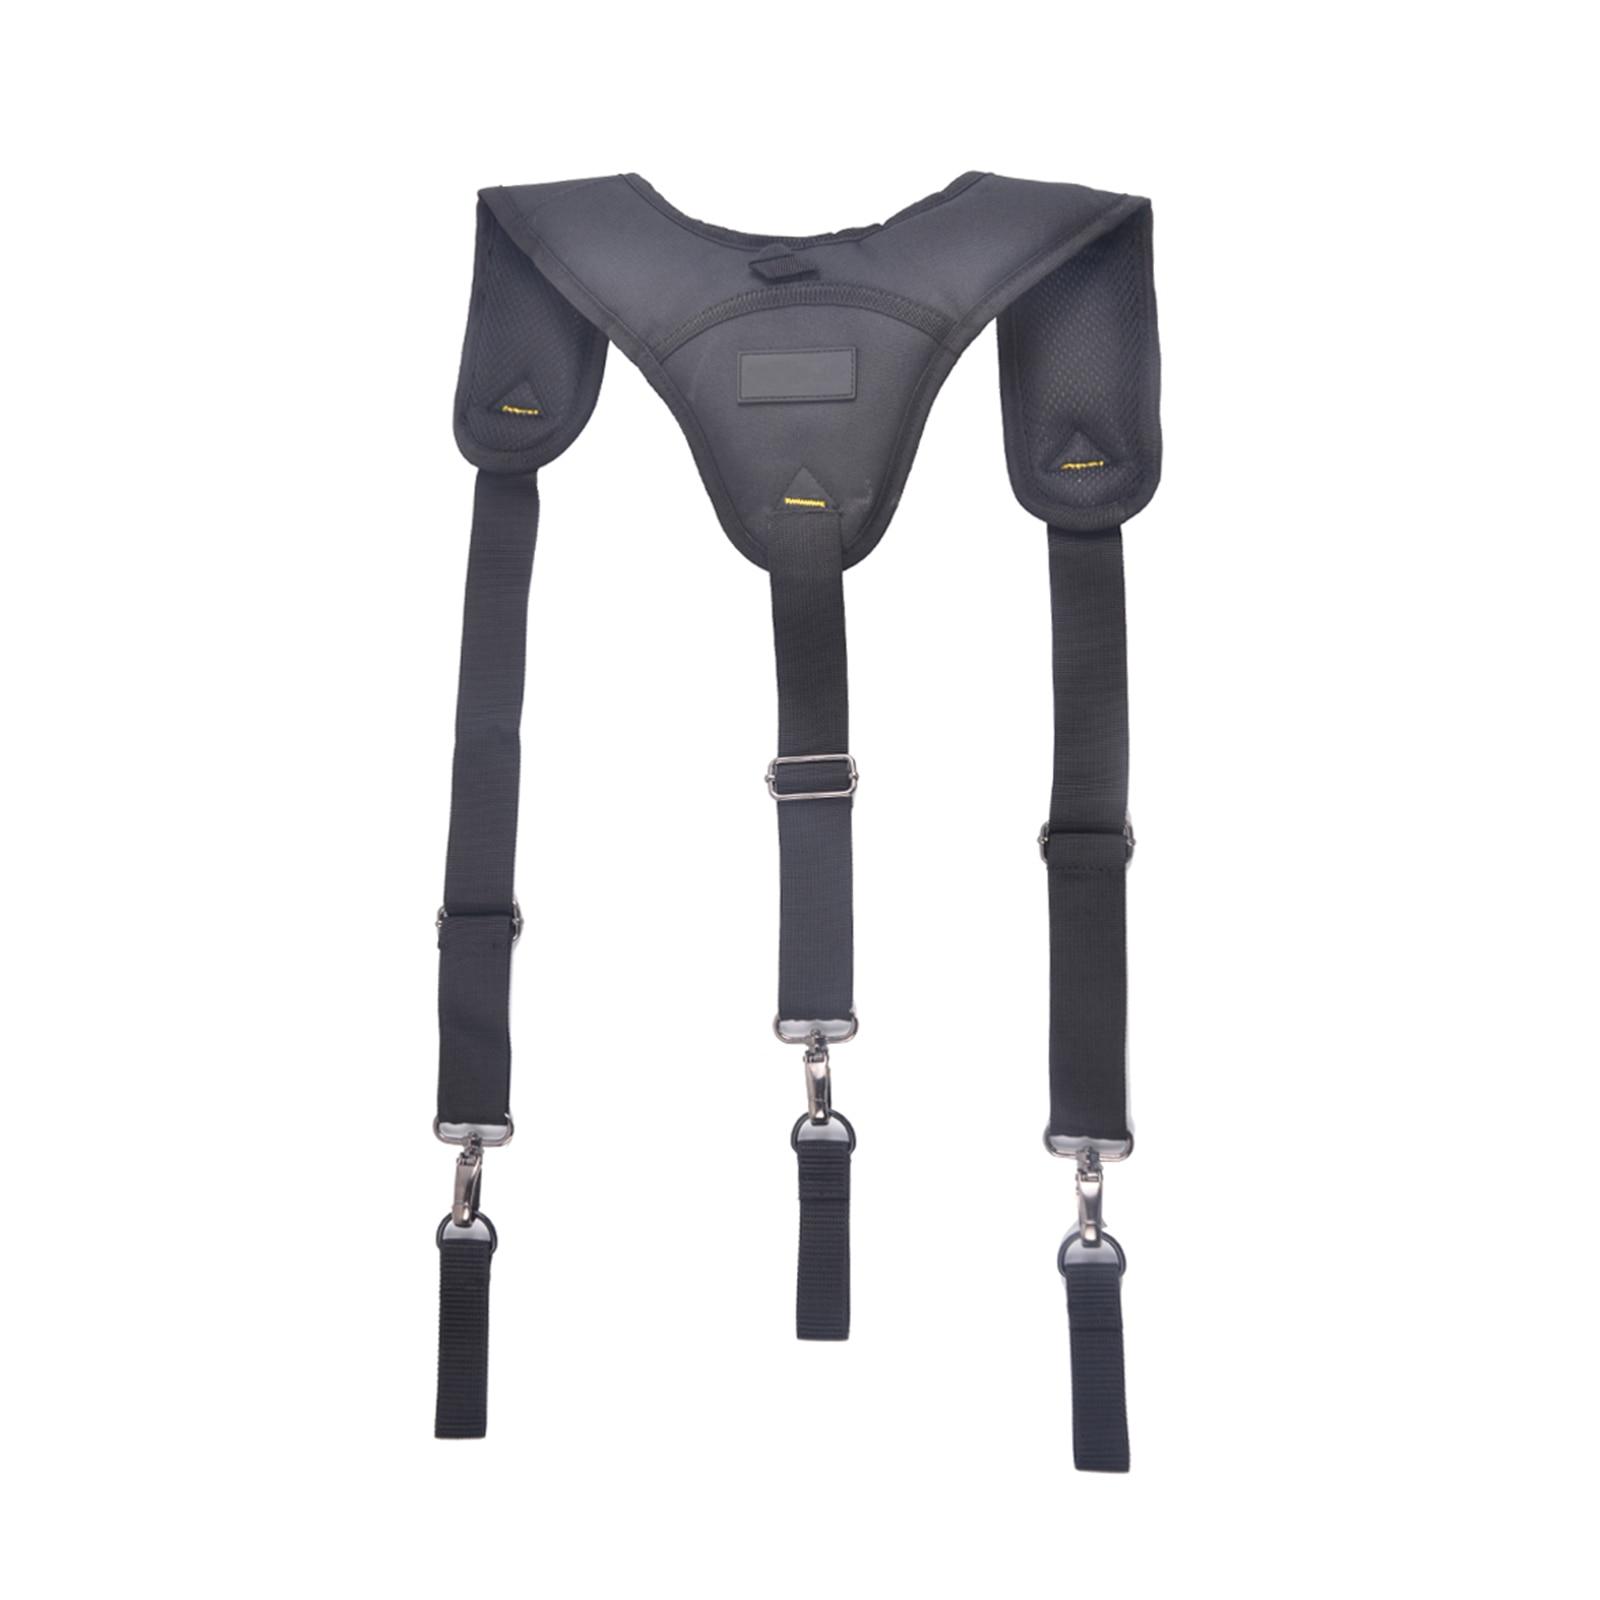 Black Suspenders Y Type Fishing Tooling Suspender Can Hang Tool Bag Reducing Weight Strap Heavy Work Tool Belt Suspenders